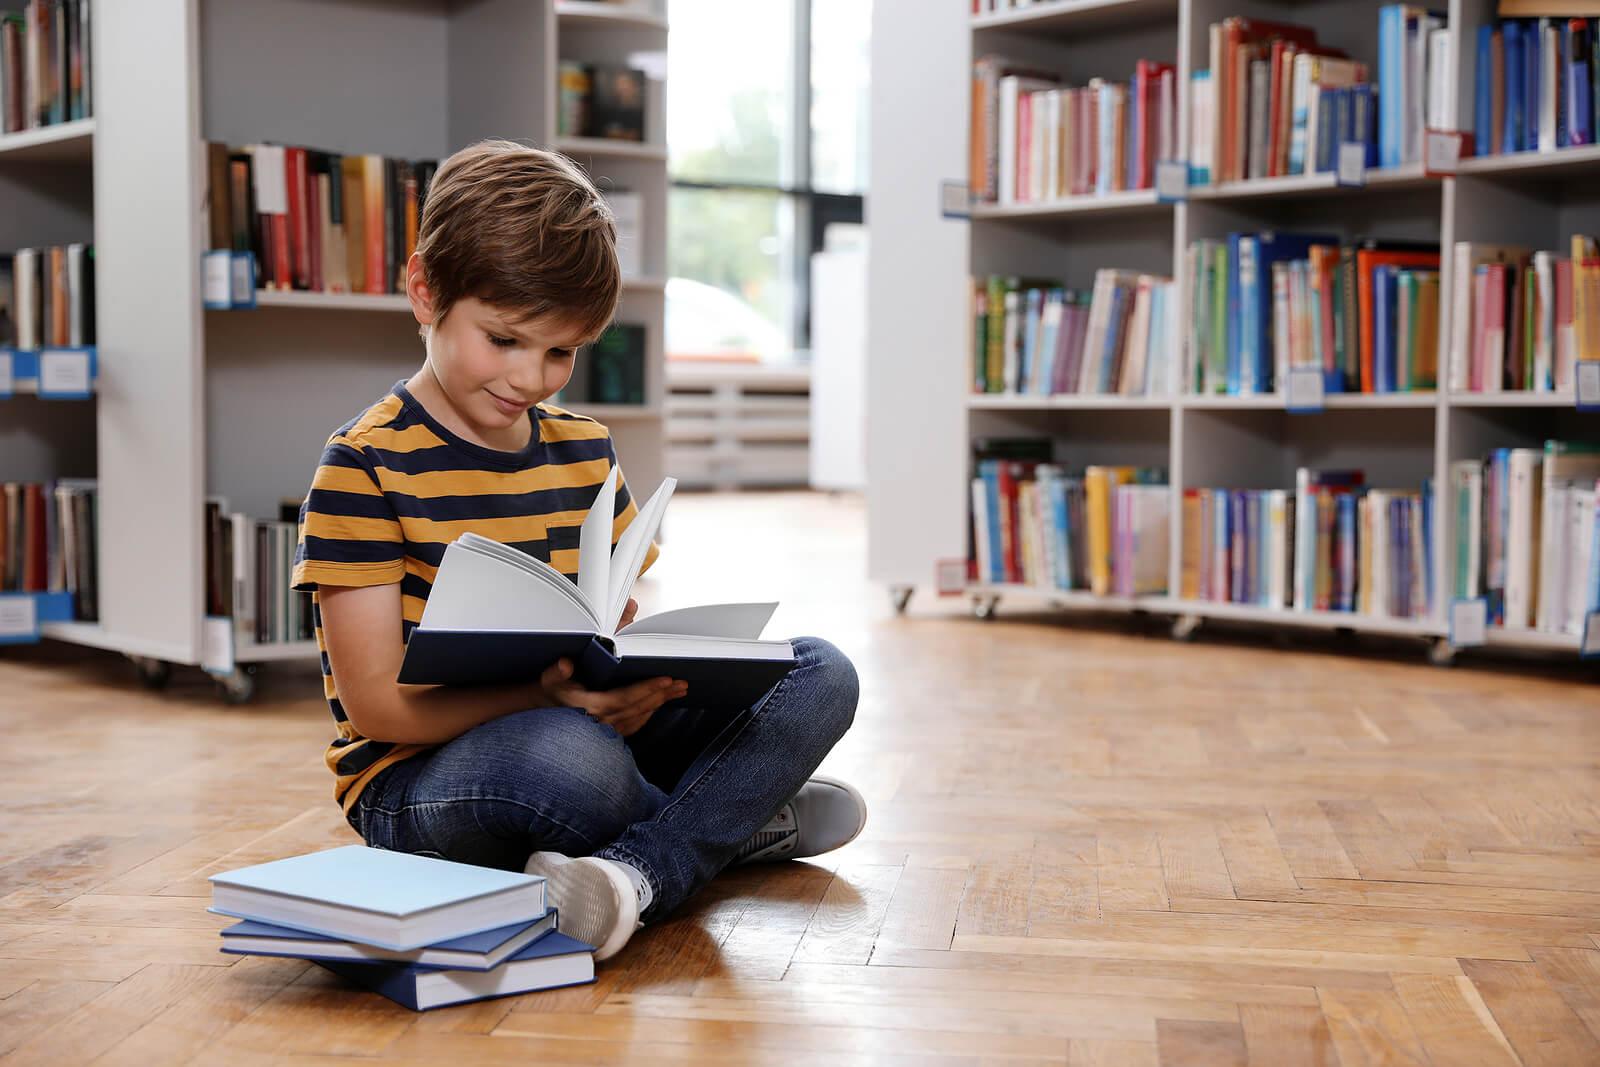 Niño leyendo un libro sentado en el suelo de la biblioteca.